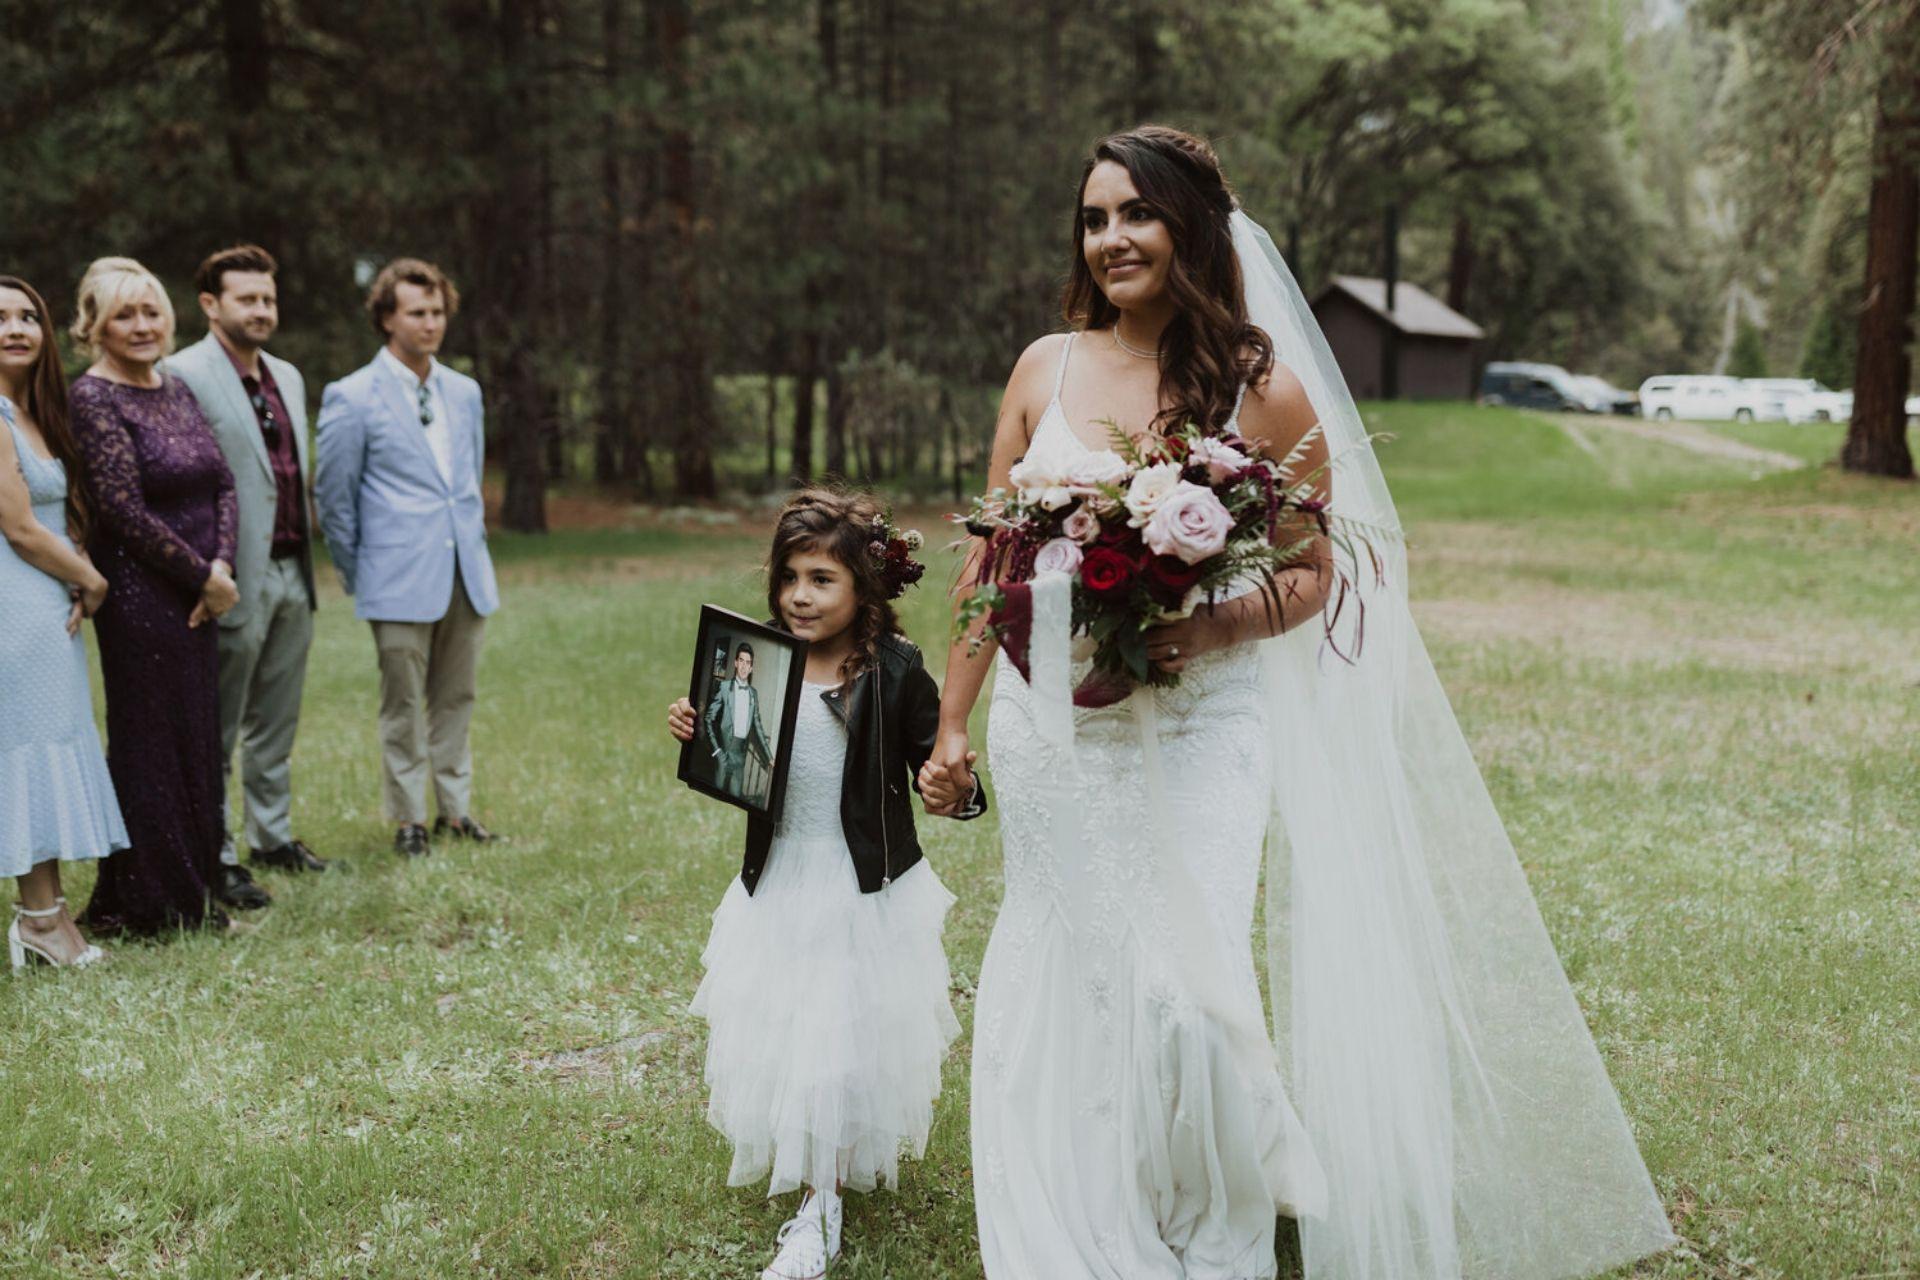 Honour loved ones in wedding